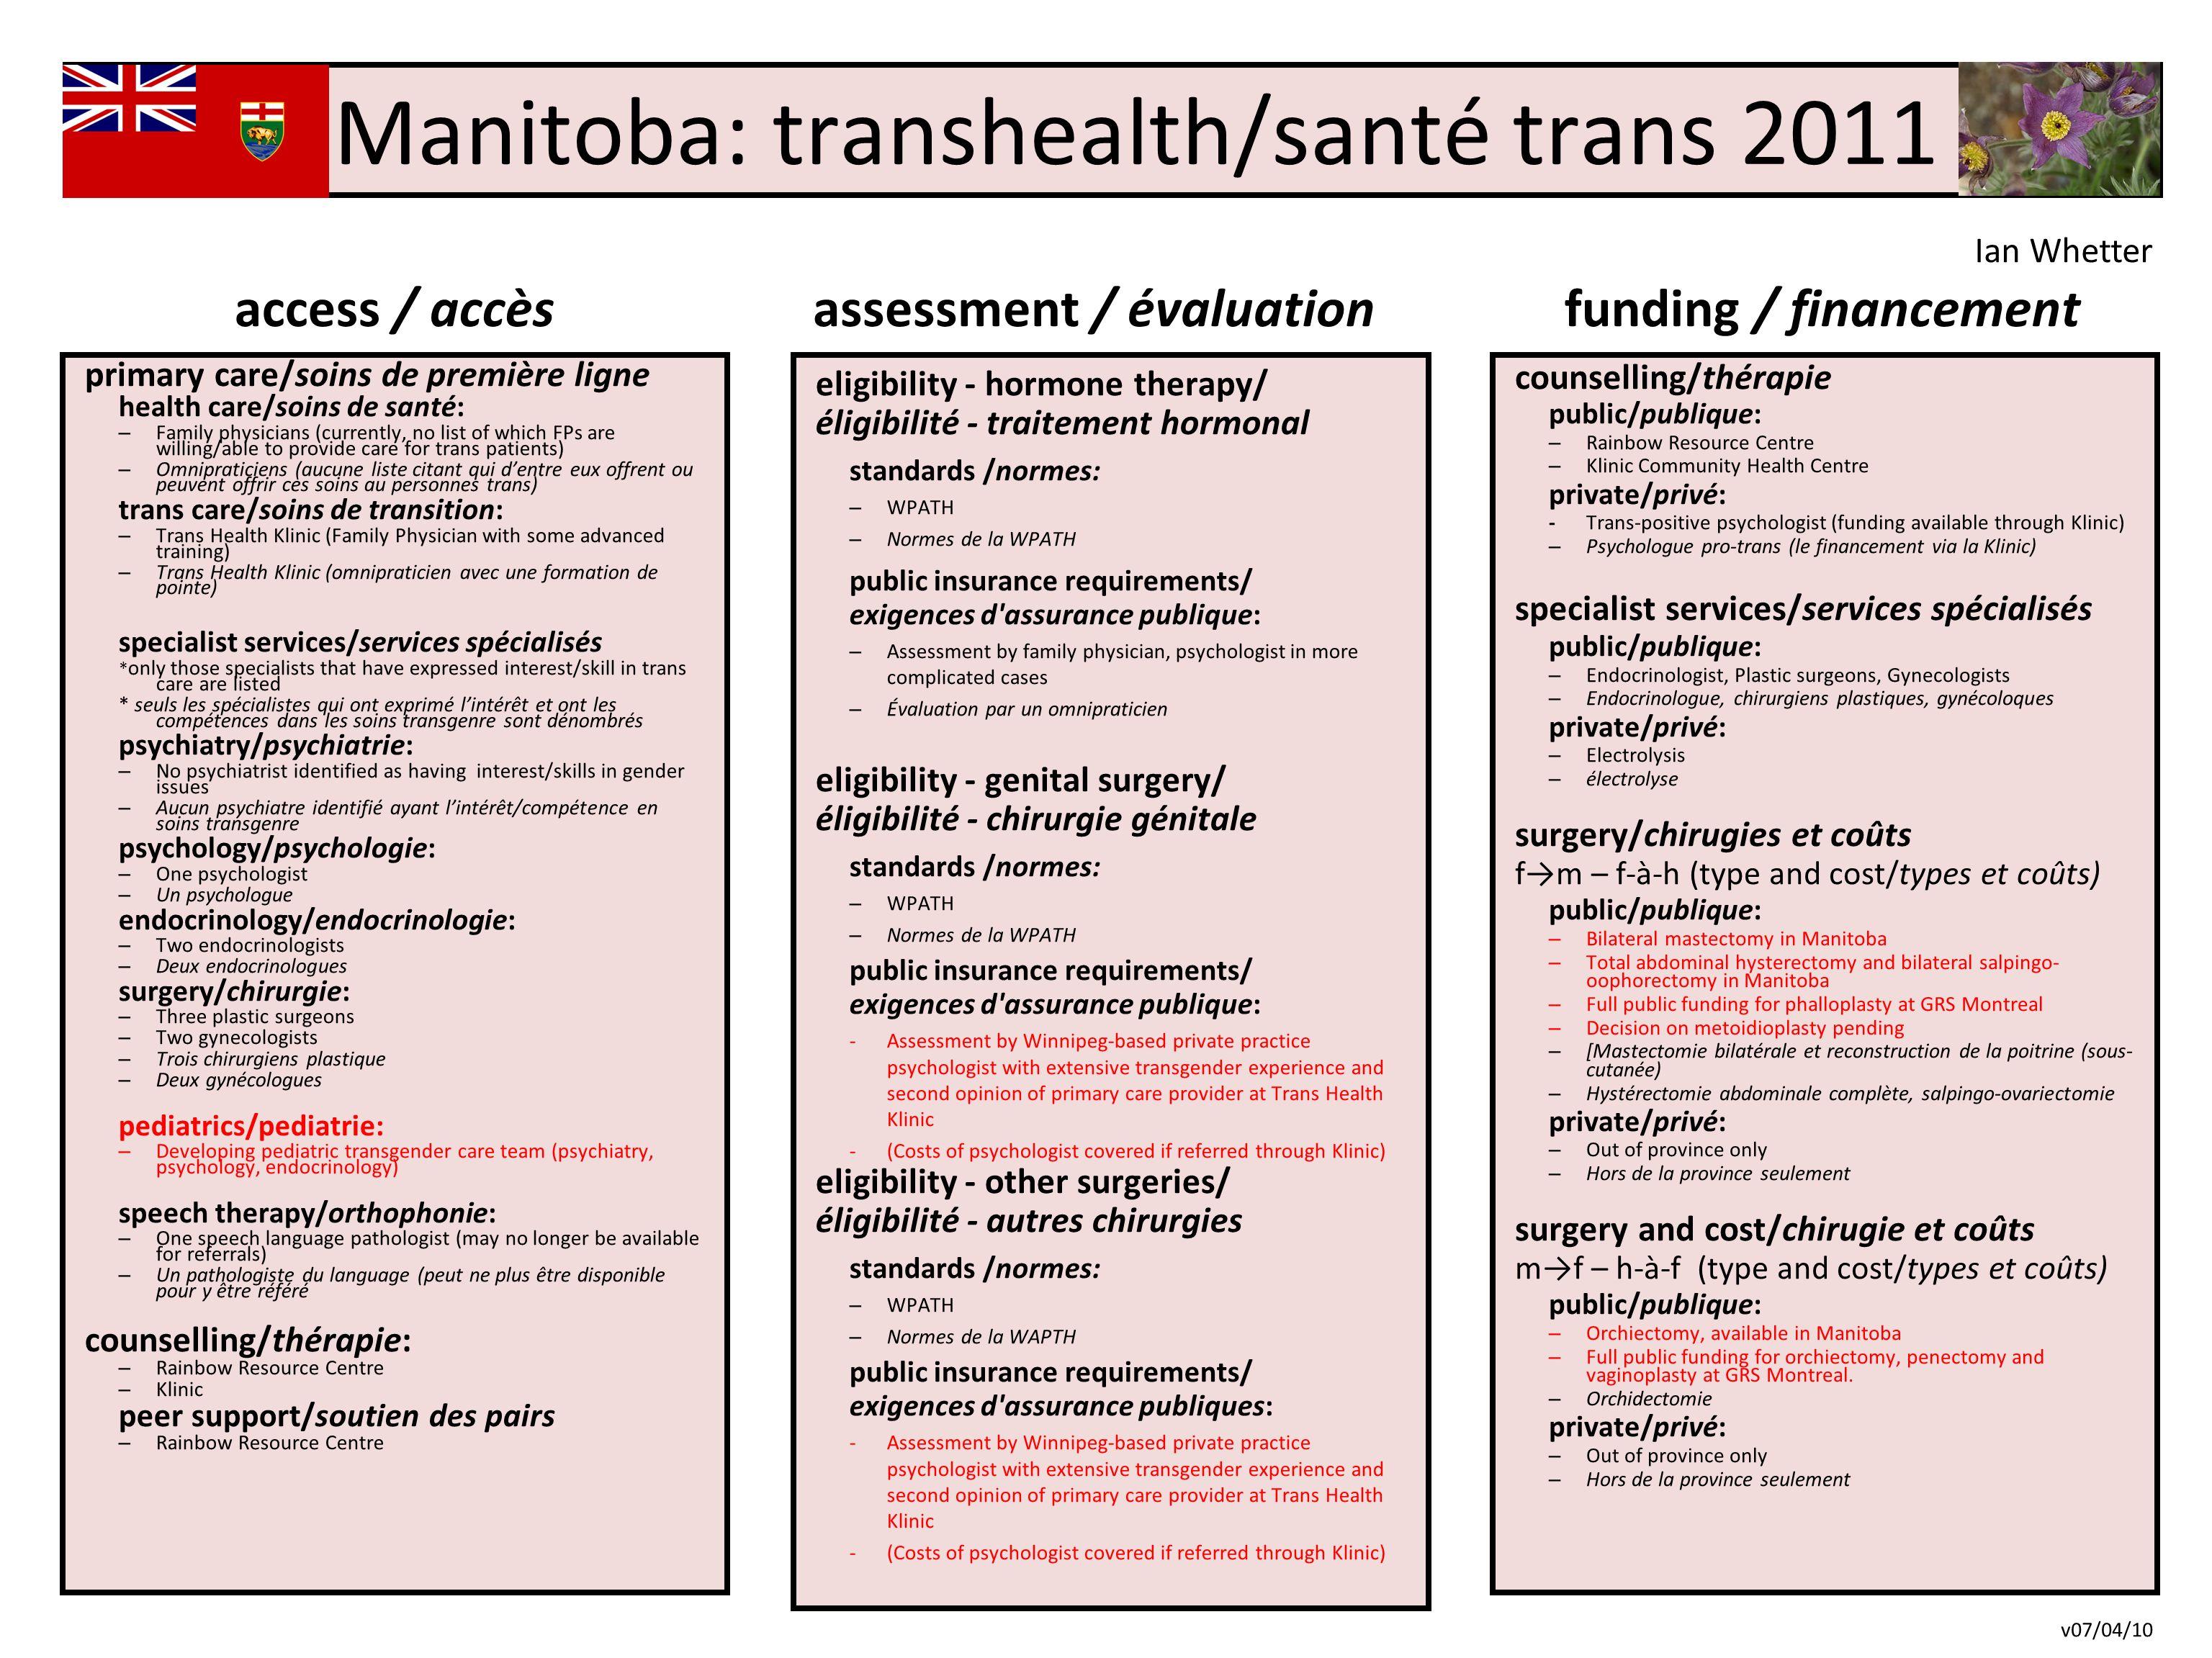 Manitoba: transhealth/santé trans 2011 access / accès primary care/soins de première ligne health care/soins de santé: – Family physicians (currently,